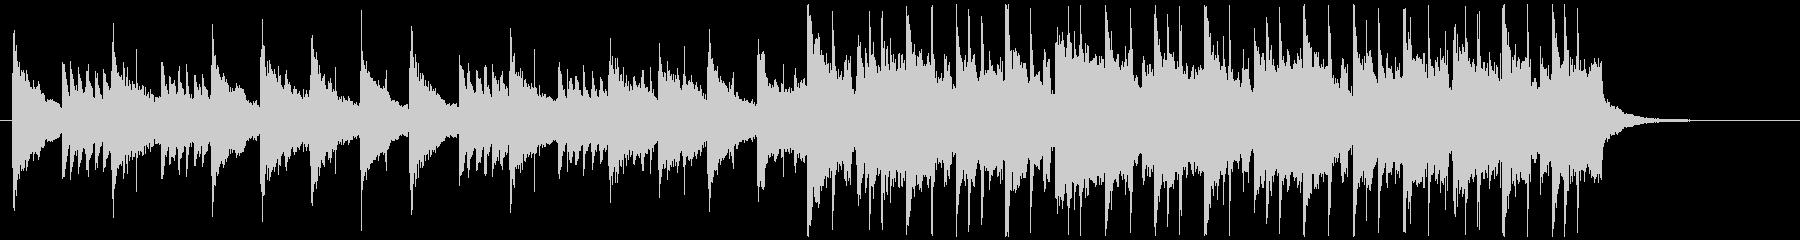 Mistrain / verse's unreproduced waveform